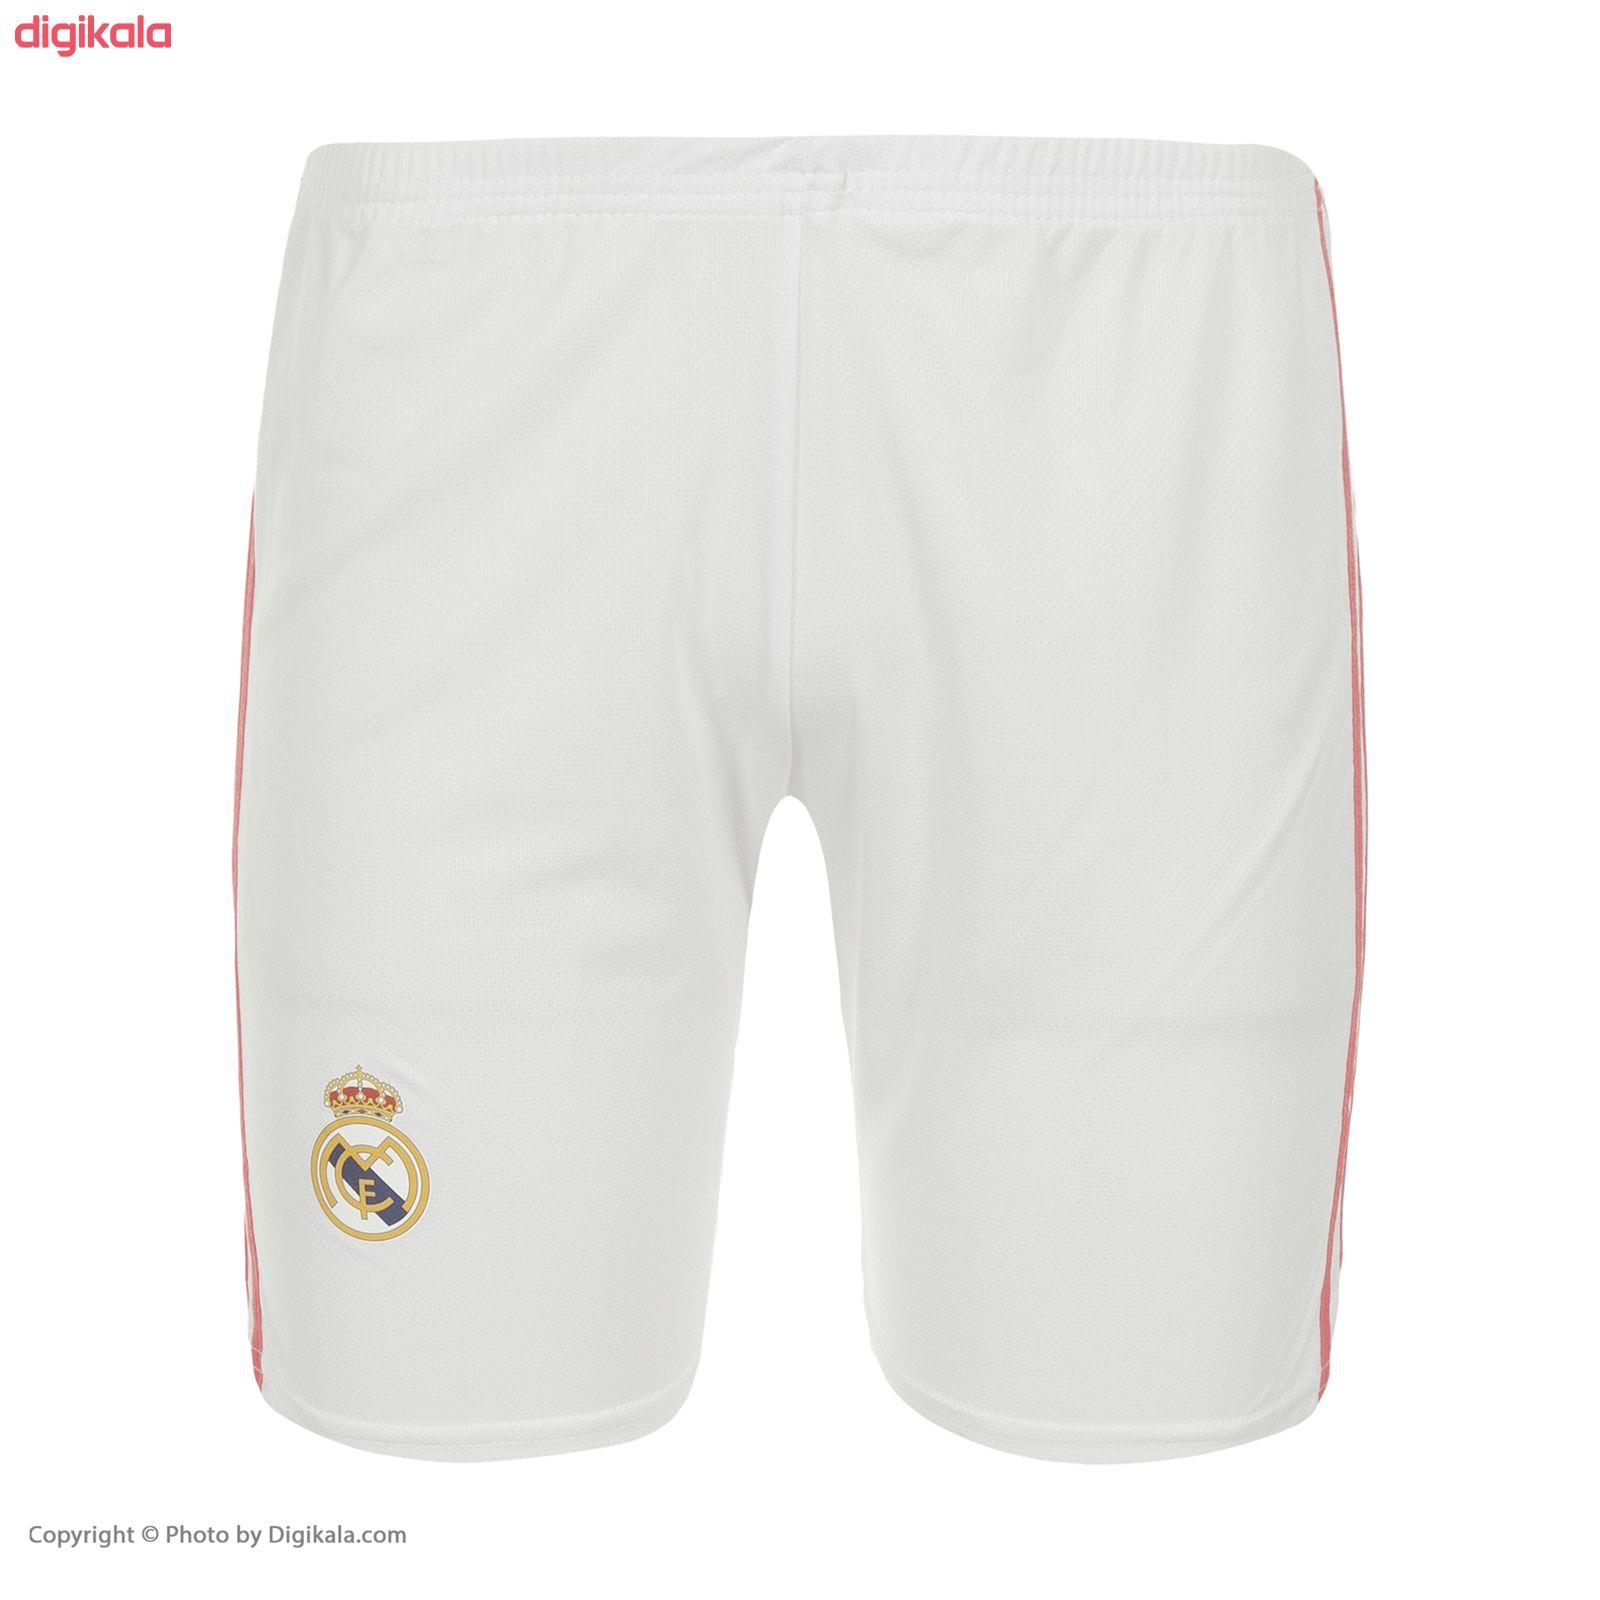 ست پیراهن و شورت ورزشی پسرانه طرح تیم رئال مادرید مدل 2021 main 1 3